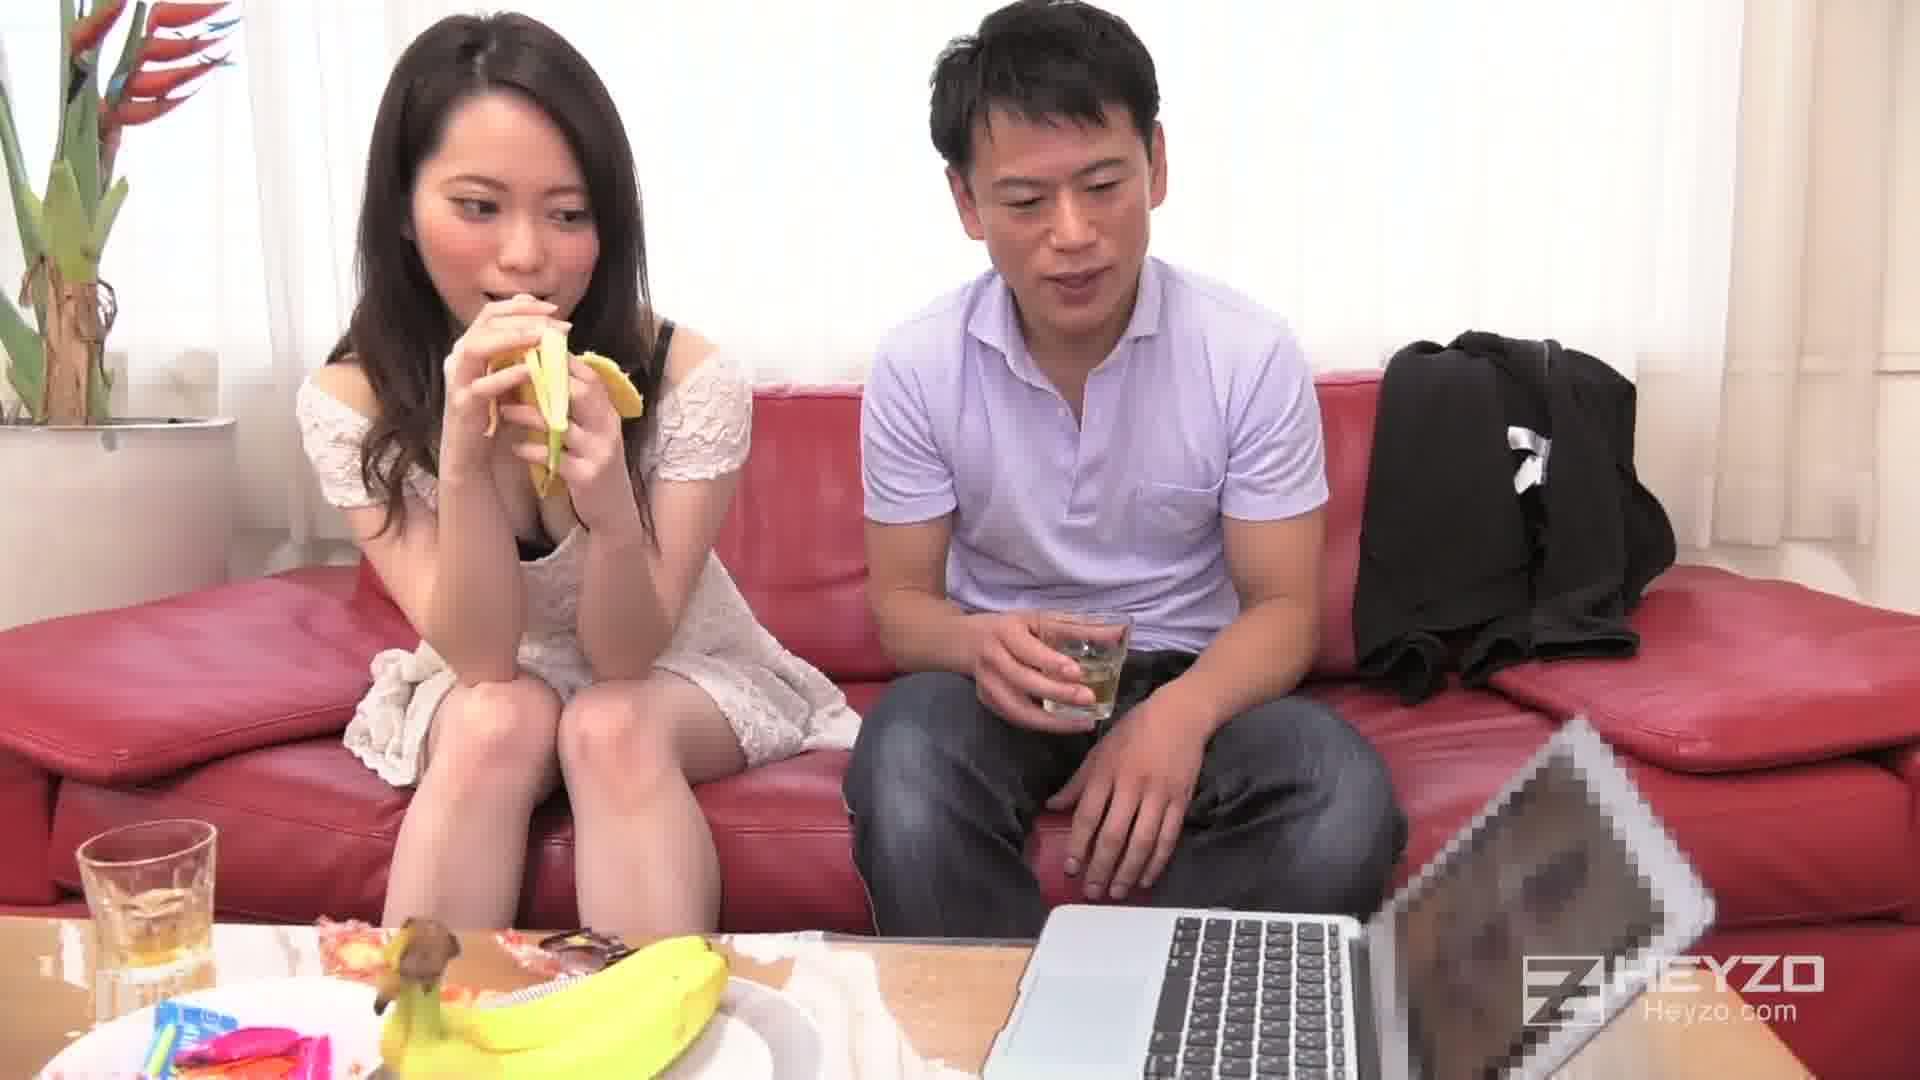 男女の友情は成立するのか?卑猥な検証してみました - 乾優那【バナナ 手コキ フェラ】